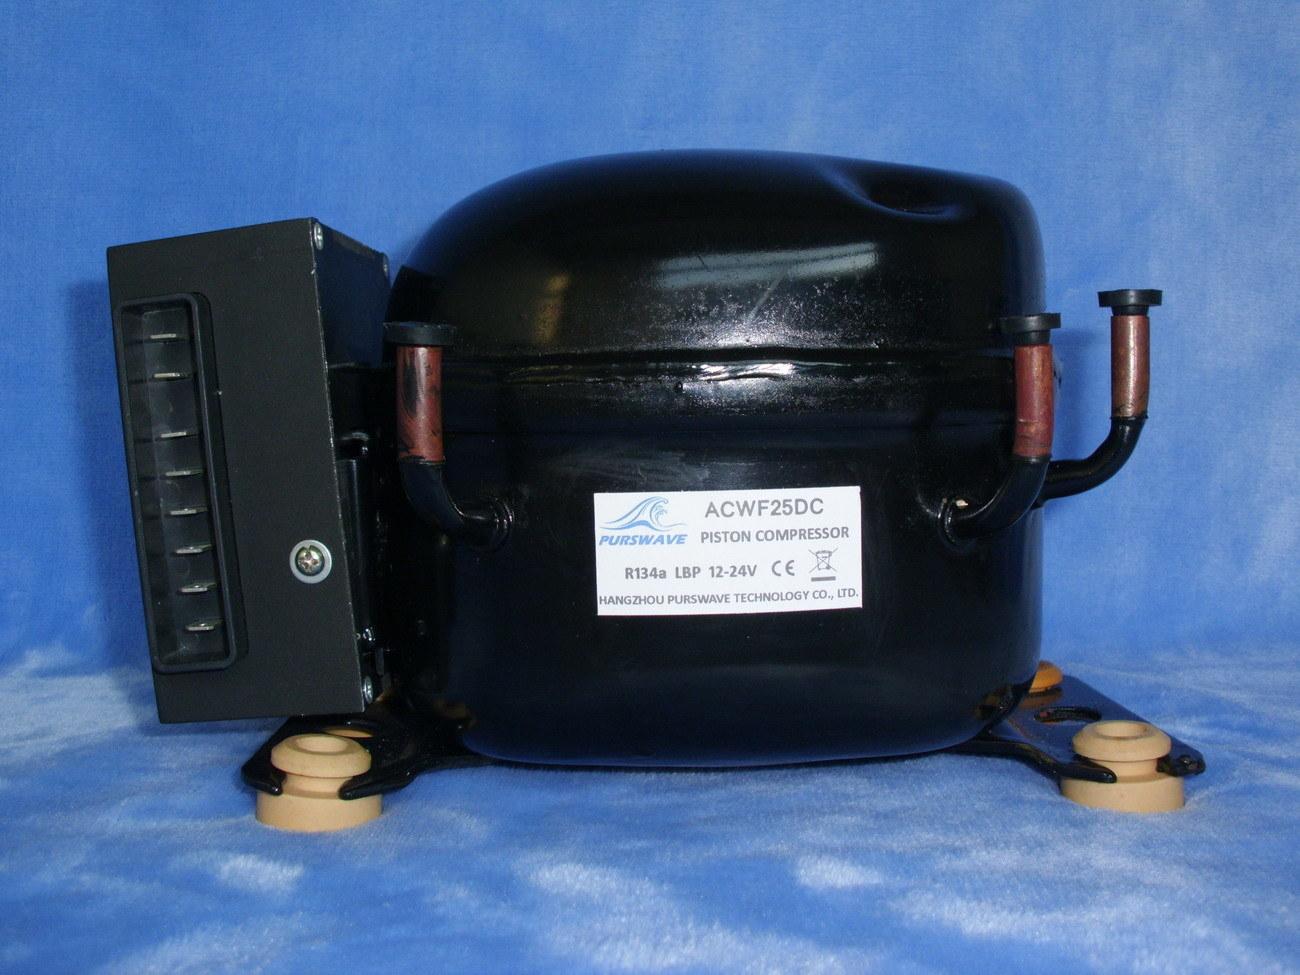 Abk Hlung alle produkte zur verfügung gestellt vonhangzhou purswave technology co ltd